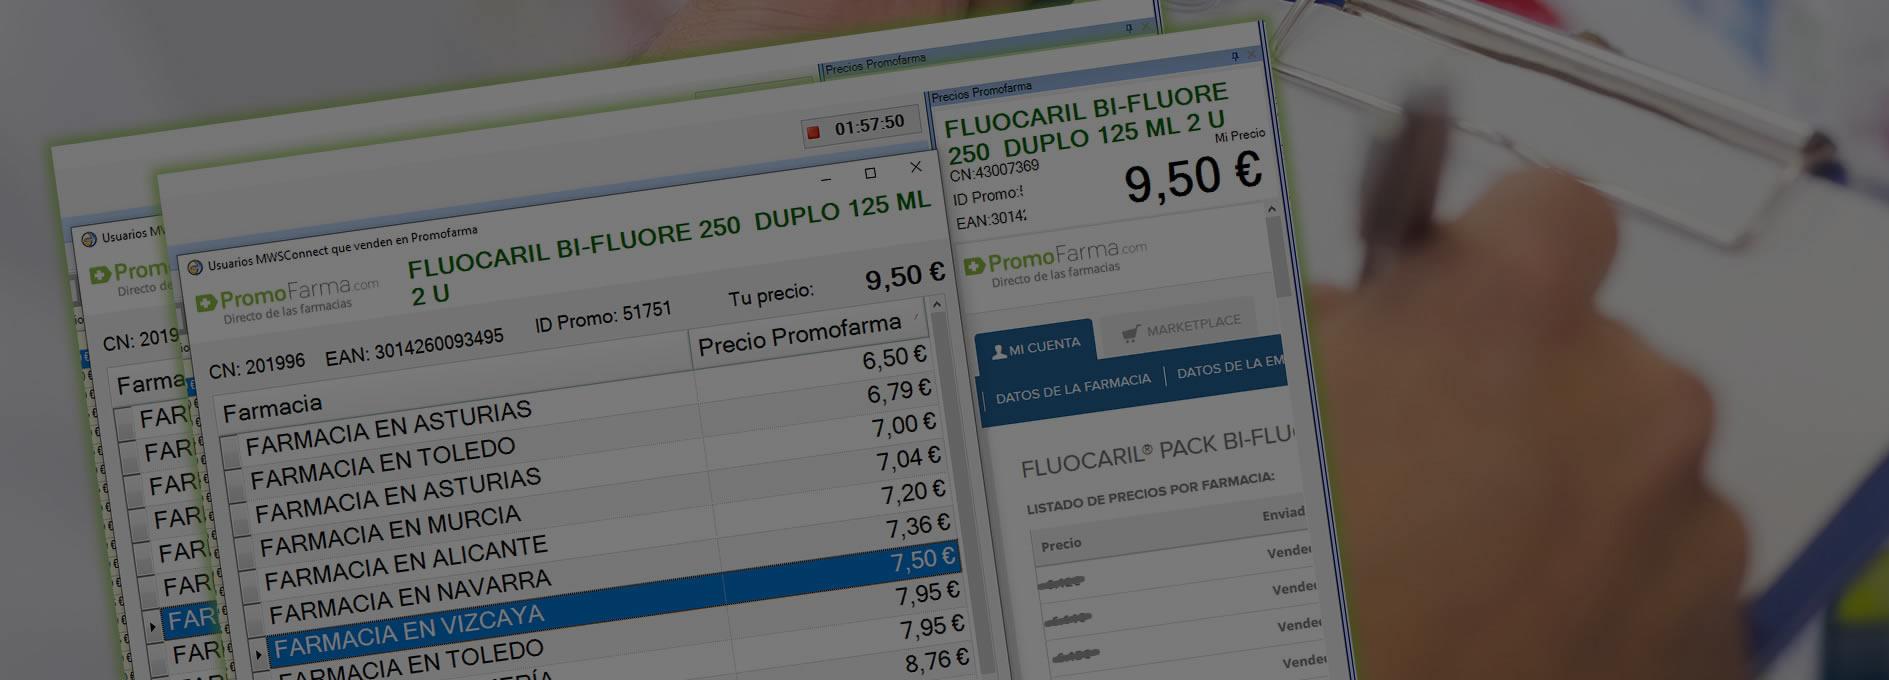 saber el precio de los productos en promofarma.com